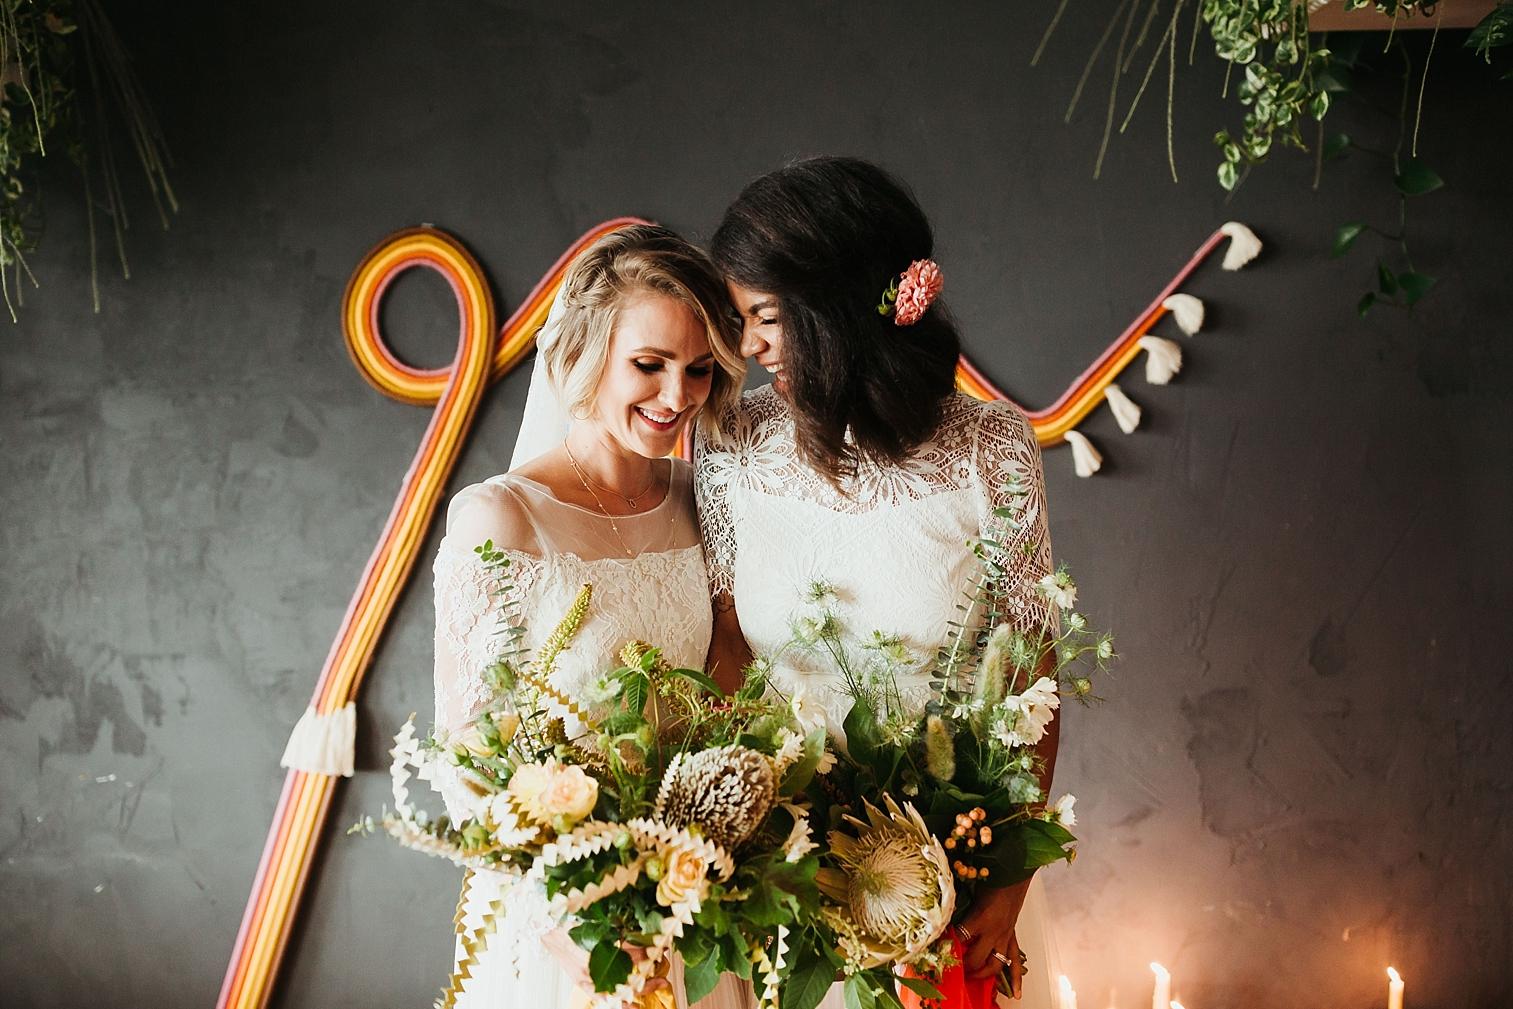 Fruitcraft-Hillcrest-San-Diego-Wedding-61.jpg